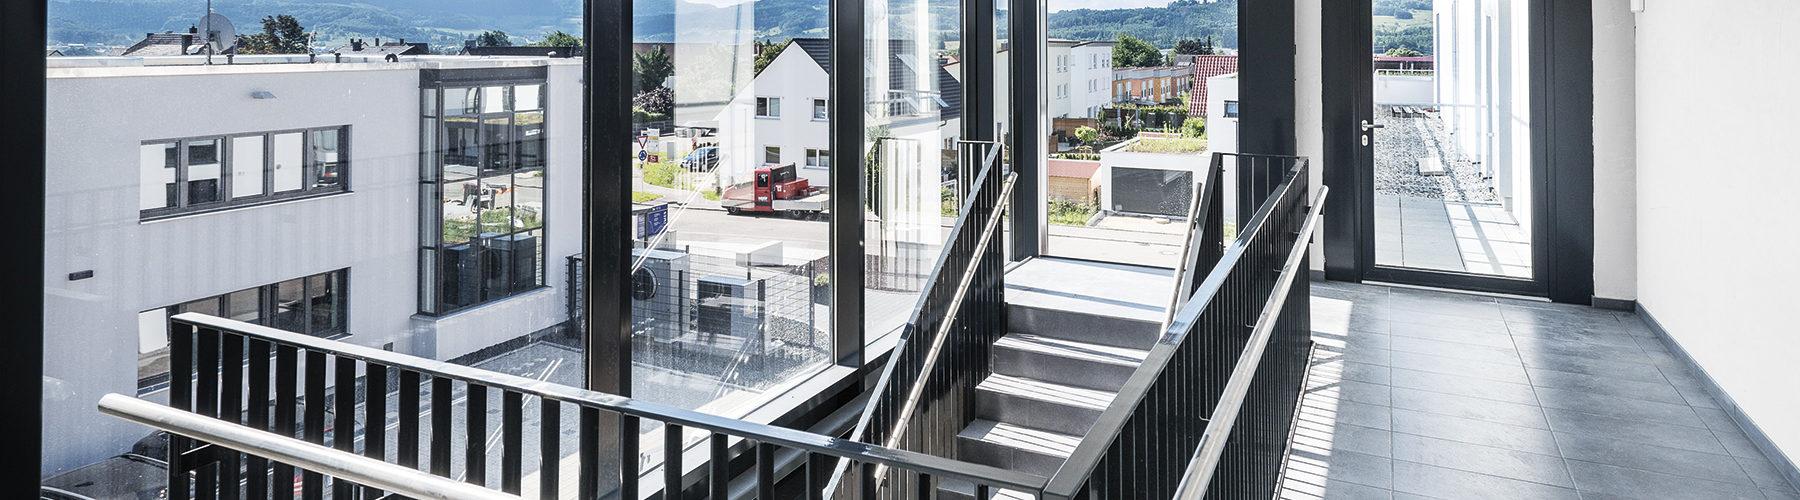 Immobilien zum Kauf und Gewerbeimmobilien der VGW Schwäbisch Gmünd